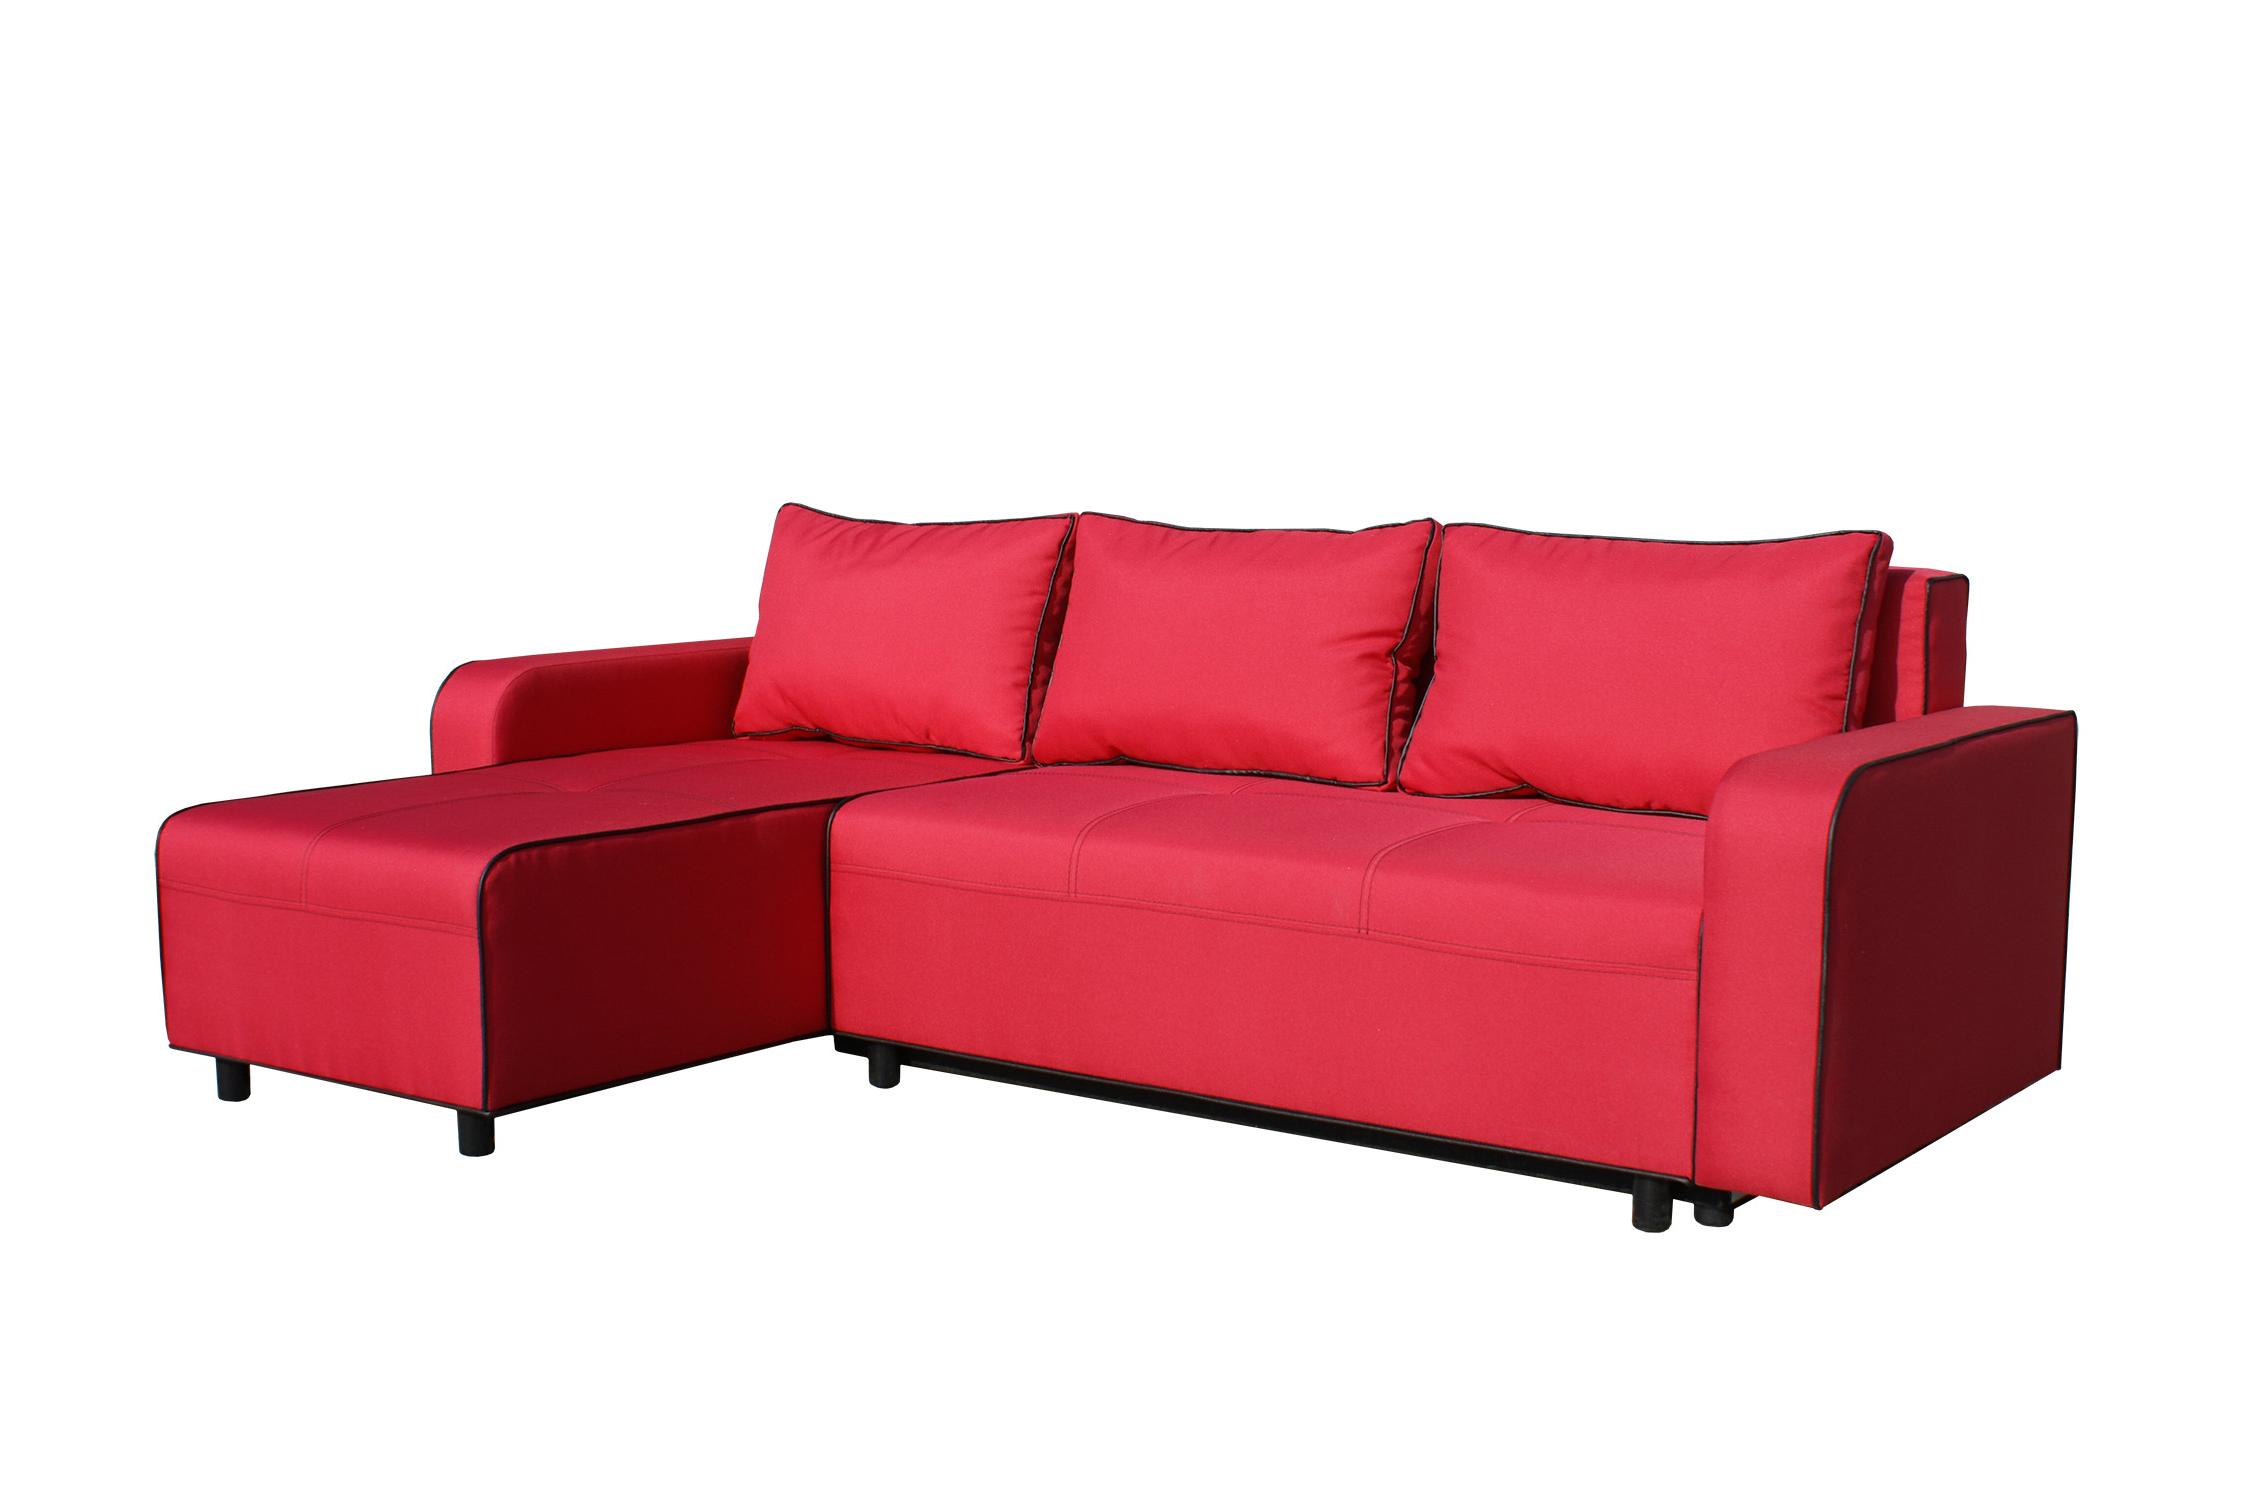 Rohová sedací souprava - BRW - Black 2 (červená) (L)